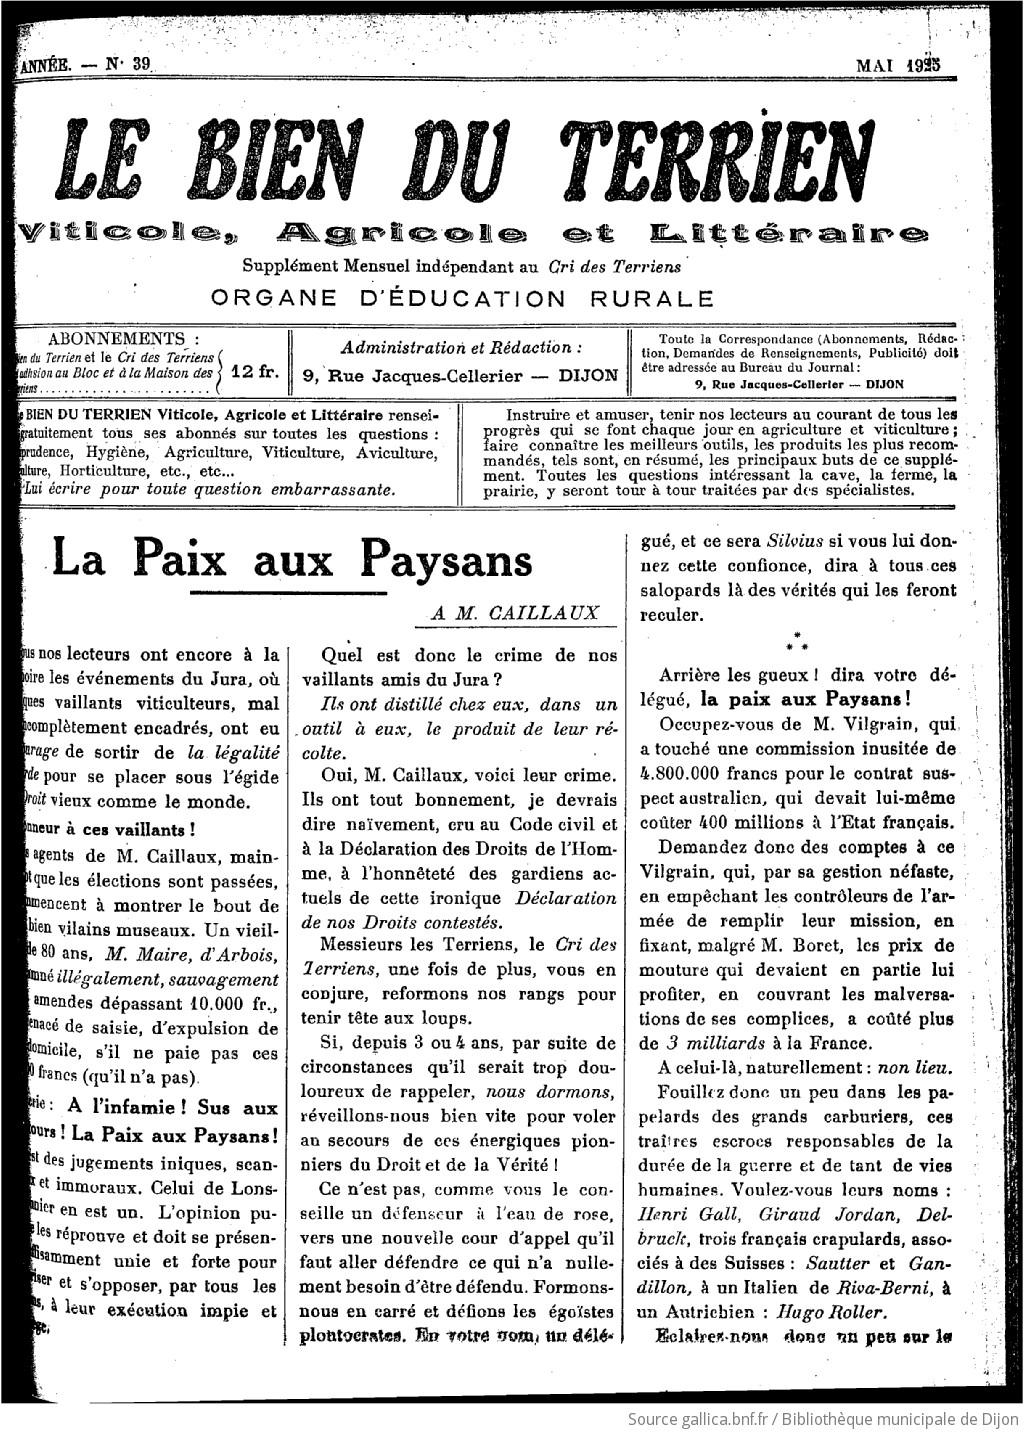 Le Bien du terrien : viticole, agricole et littéraire : supplément Le Bureau Viticole on